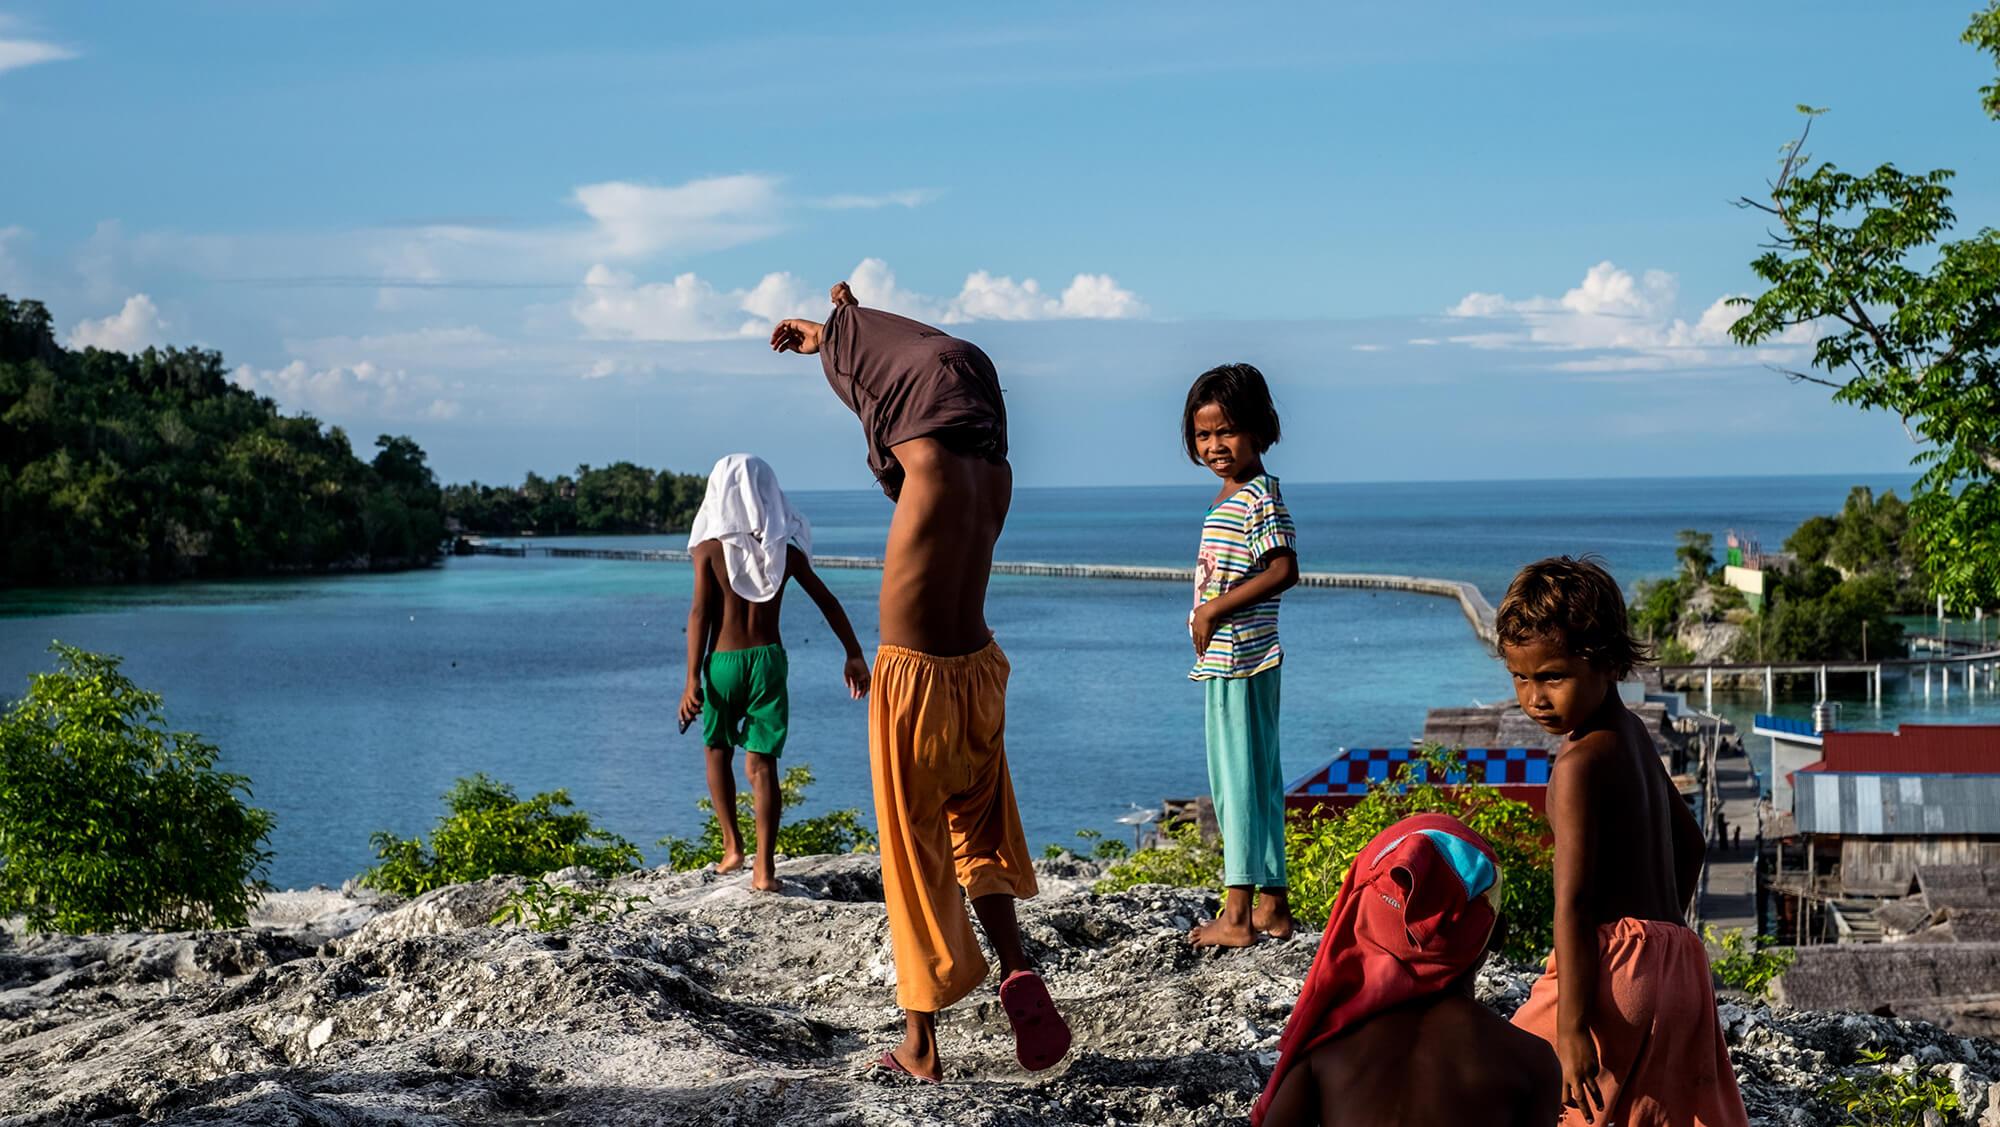 Niños en una aldea bajau de las islas Togean de Sulawesi en Indonesia